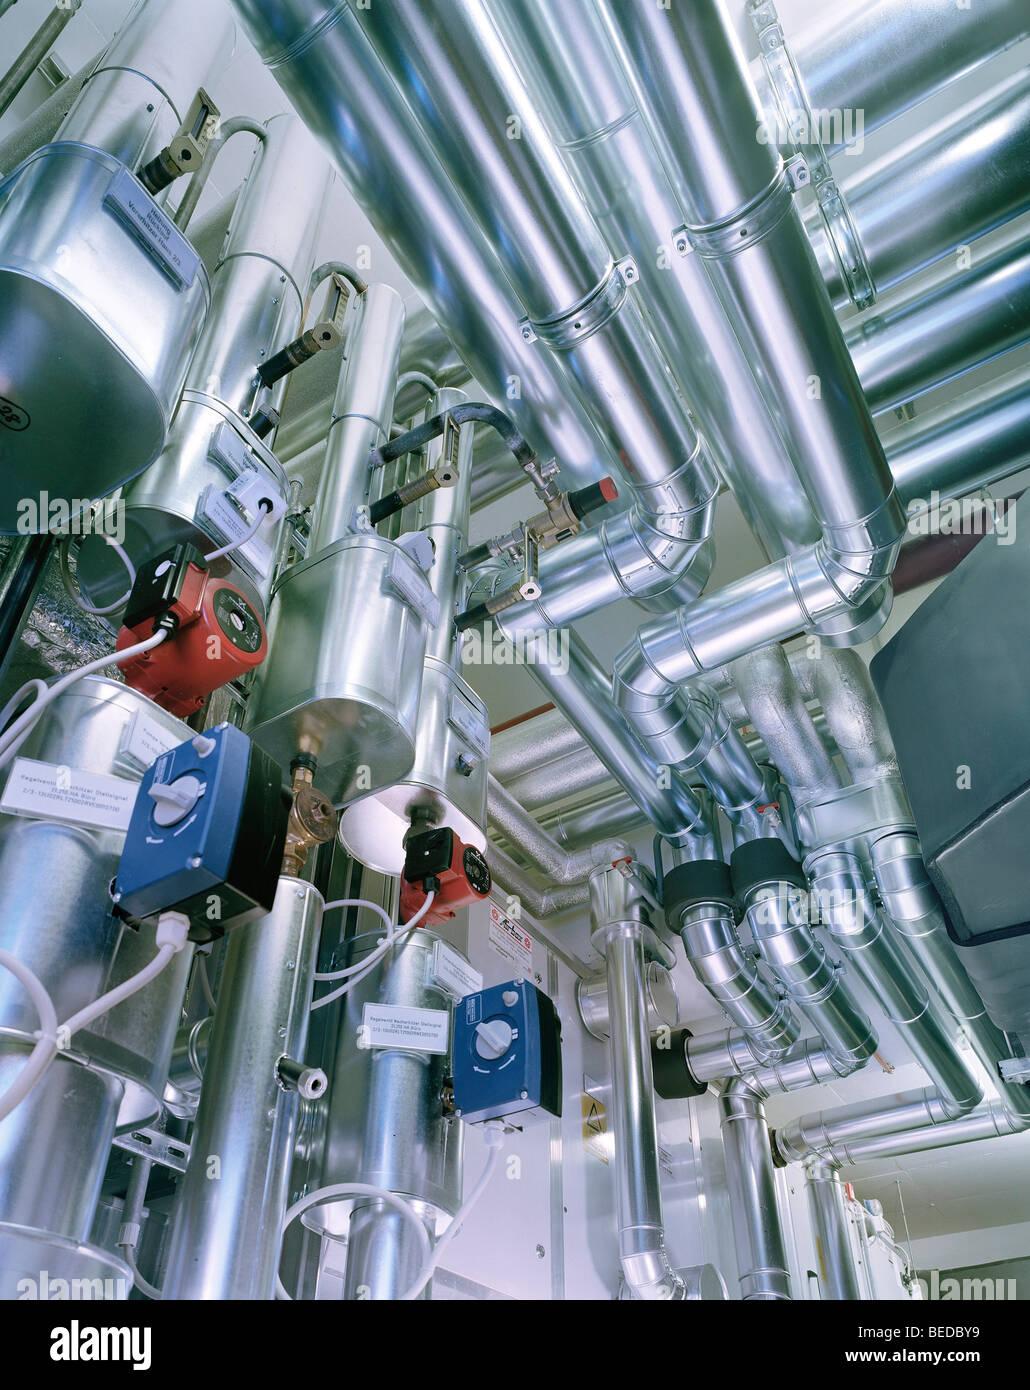 La tecnologia per il riscaldamento e la ventilazione engineering Immagini Stock